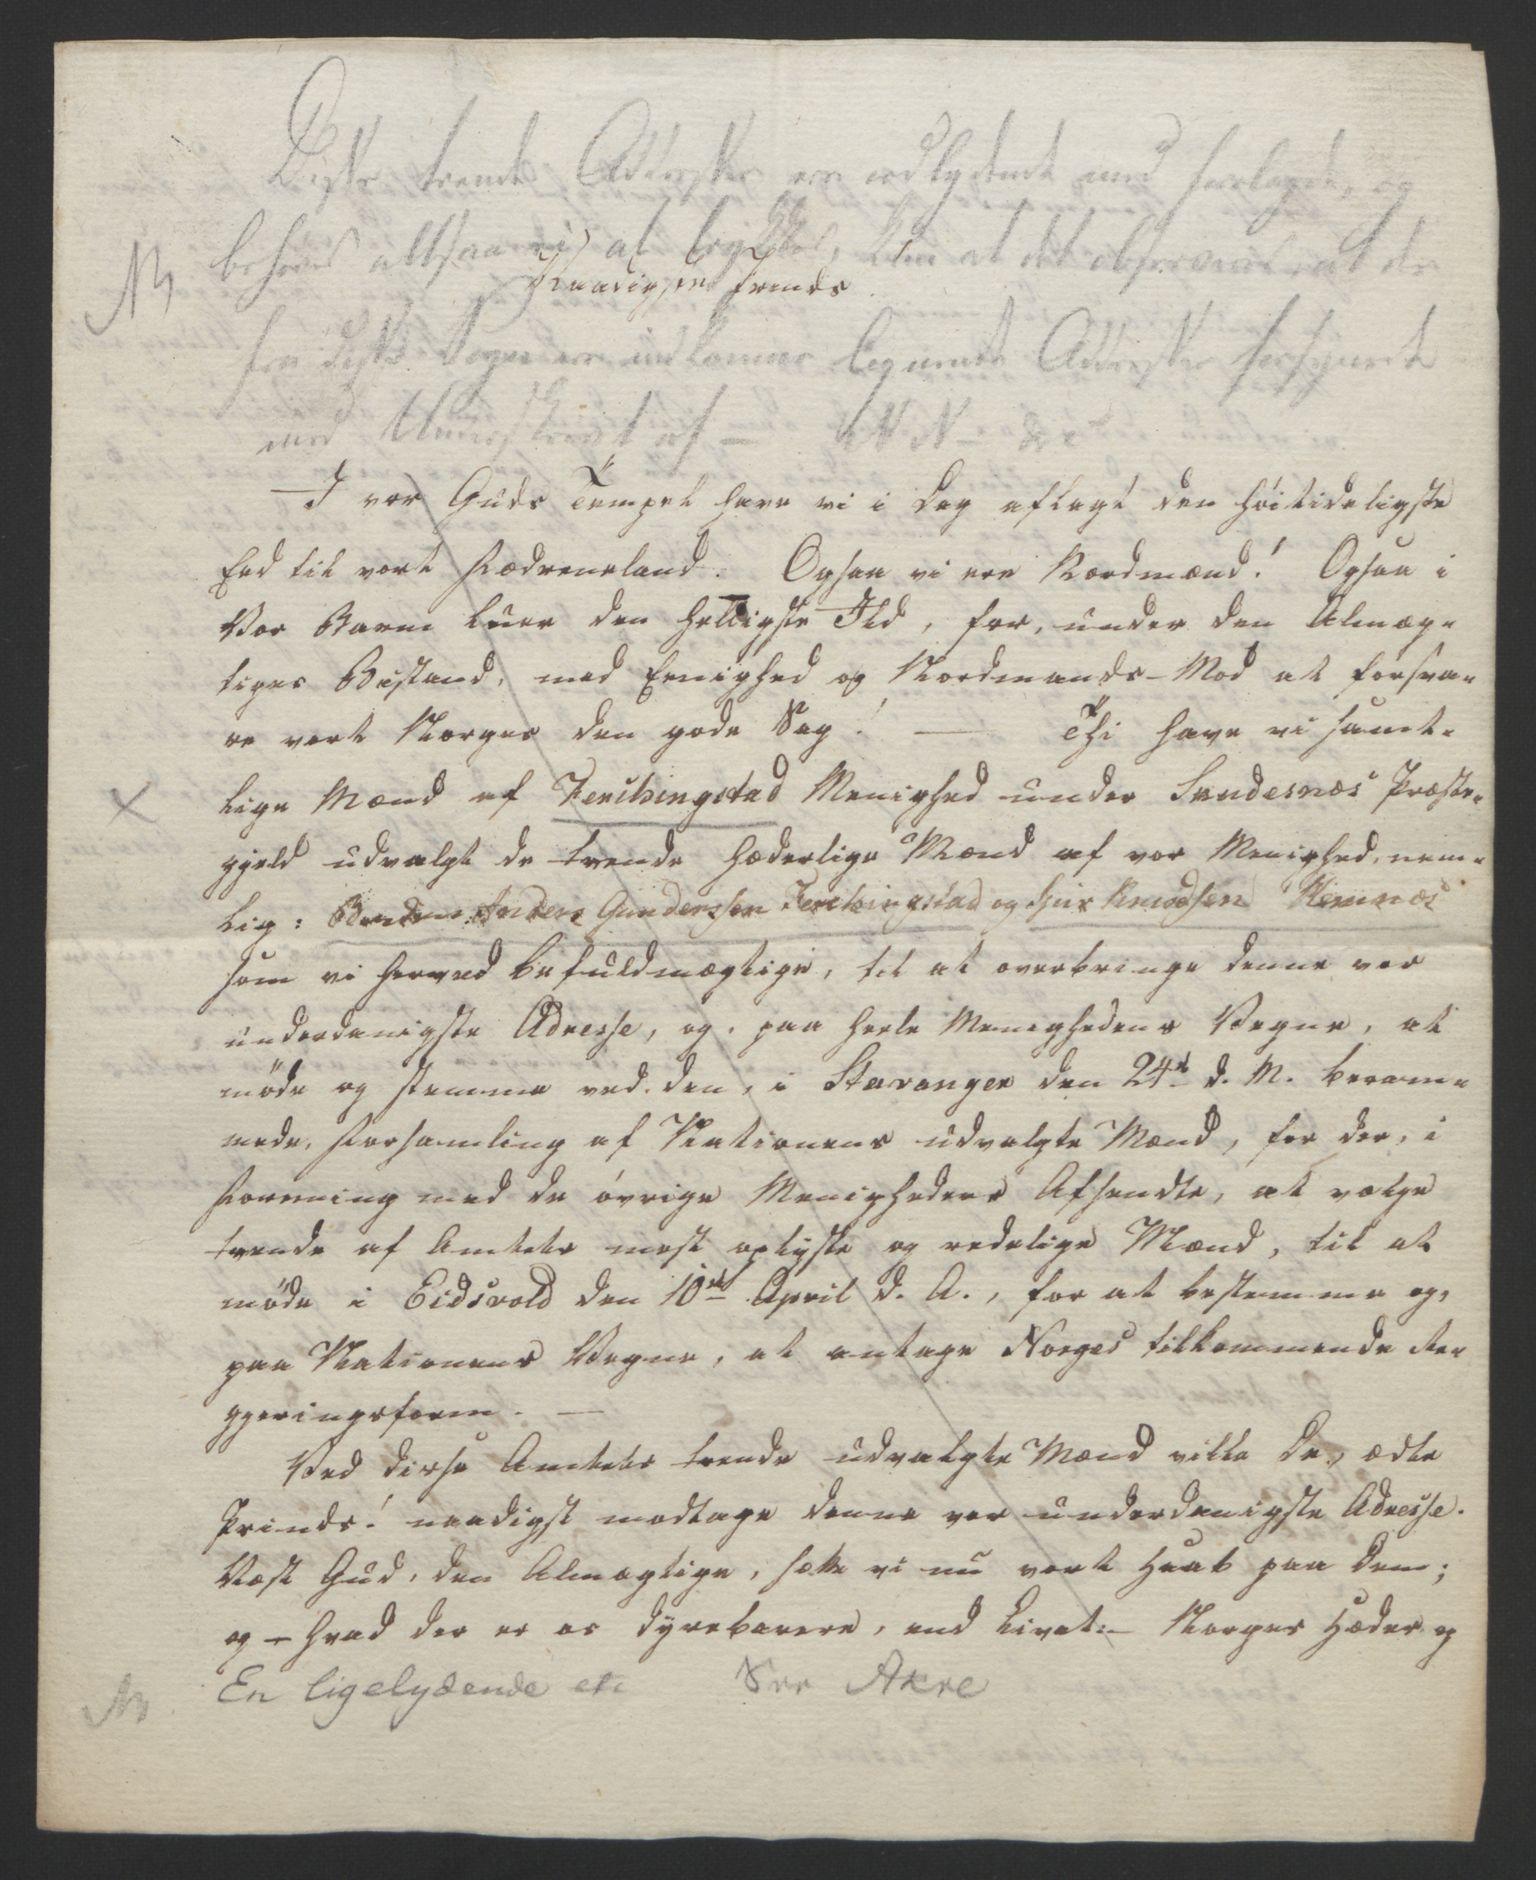 RA, Statsrådssekretariatet, D/Db/L0008: Fullmakter for Eidsvollsrepresentantene i 1814. , 1814, s. 249